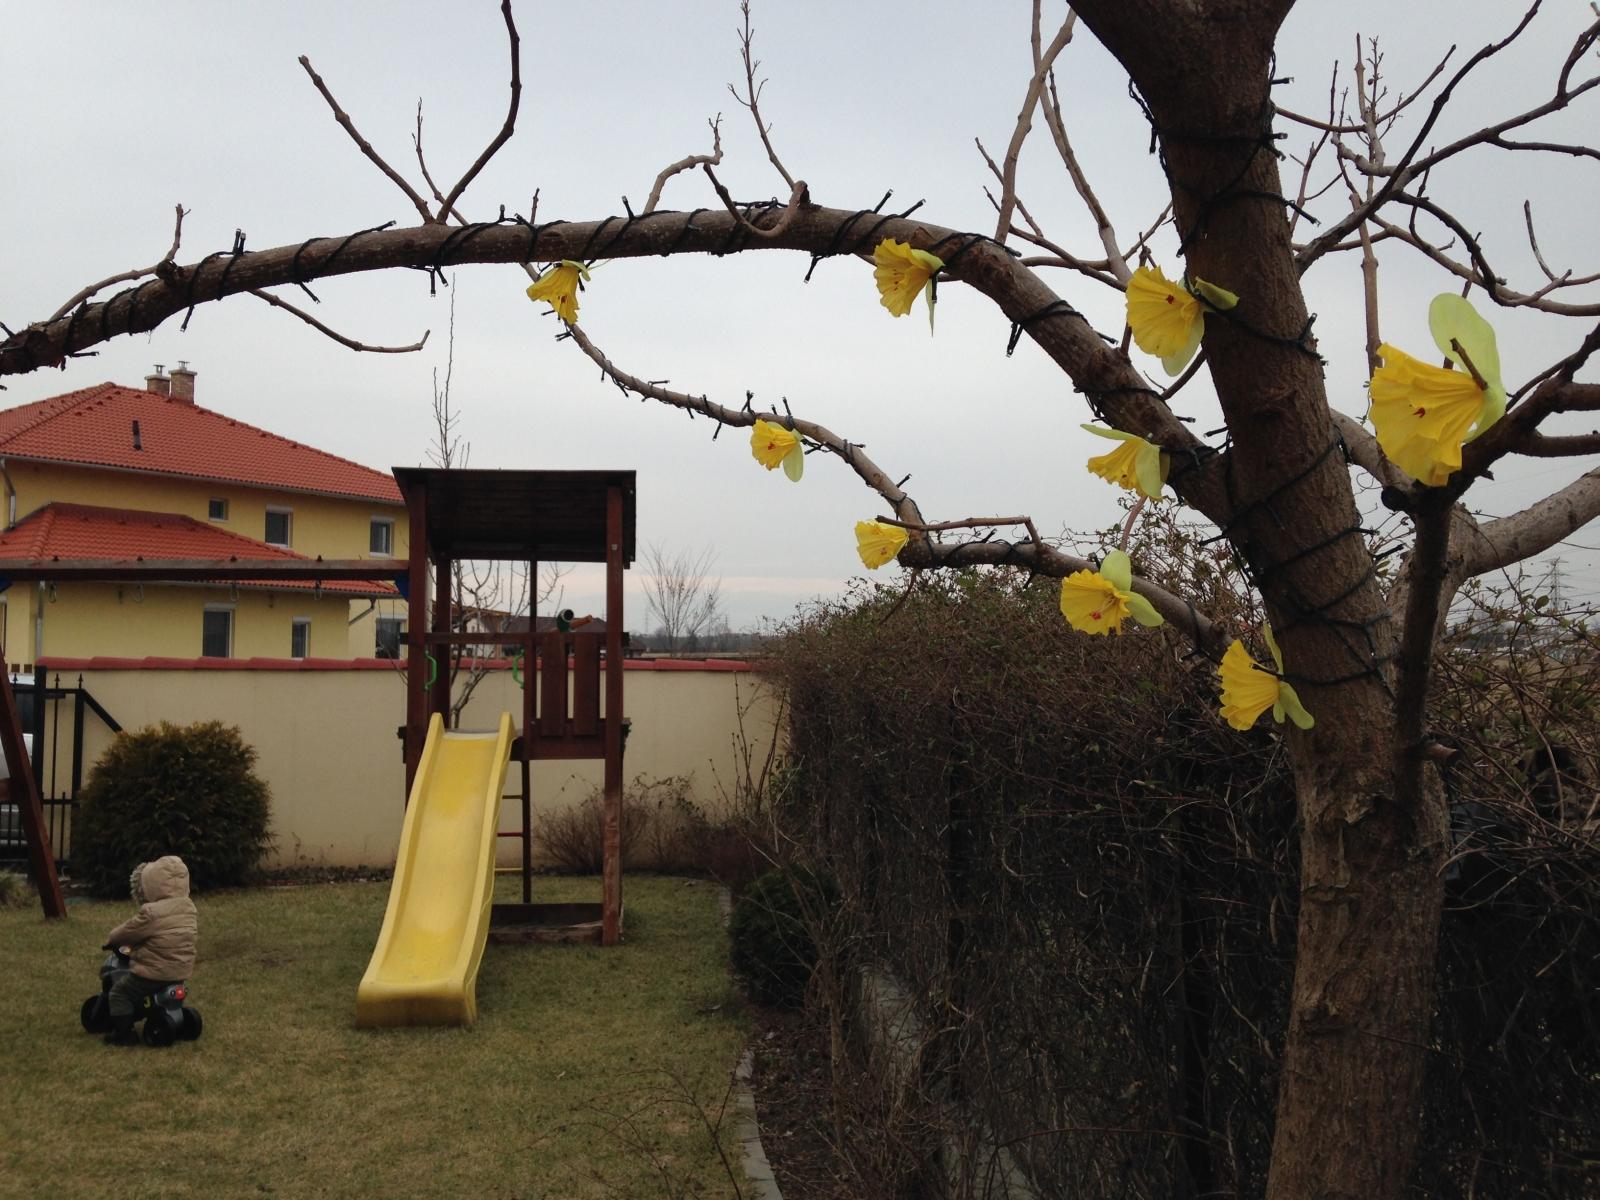 2015-03-02_13_57_31.jpg